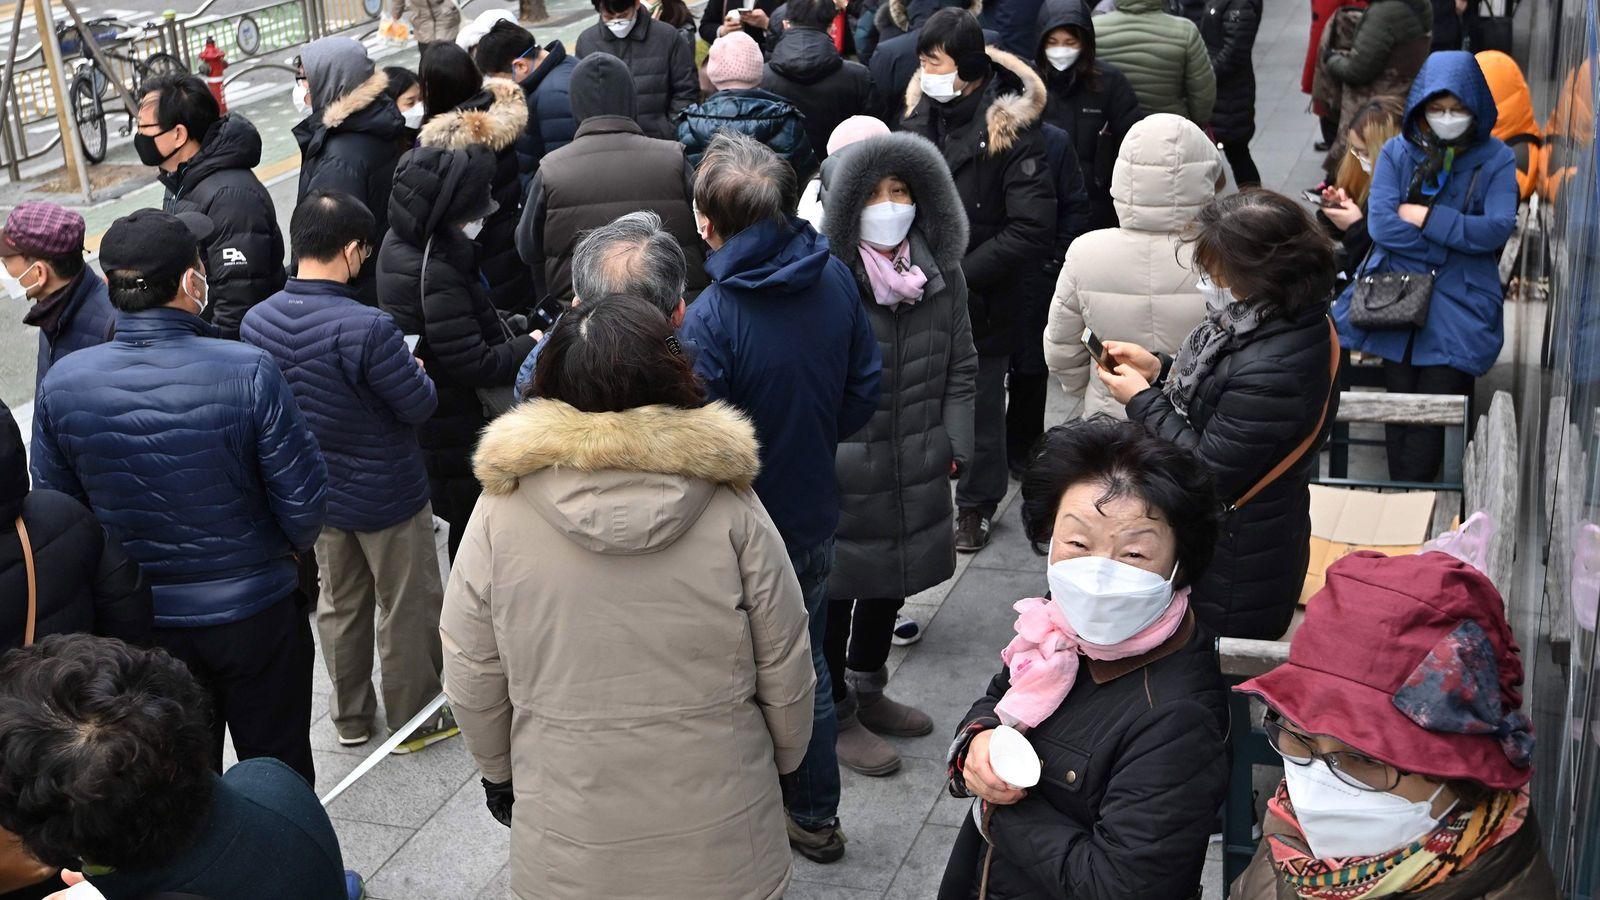 朝から並べる暇人だけがマスクを安く買えるのはおかしい このバカげた行列を終わらせる方法